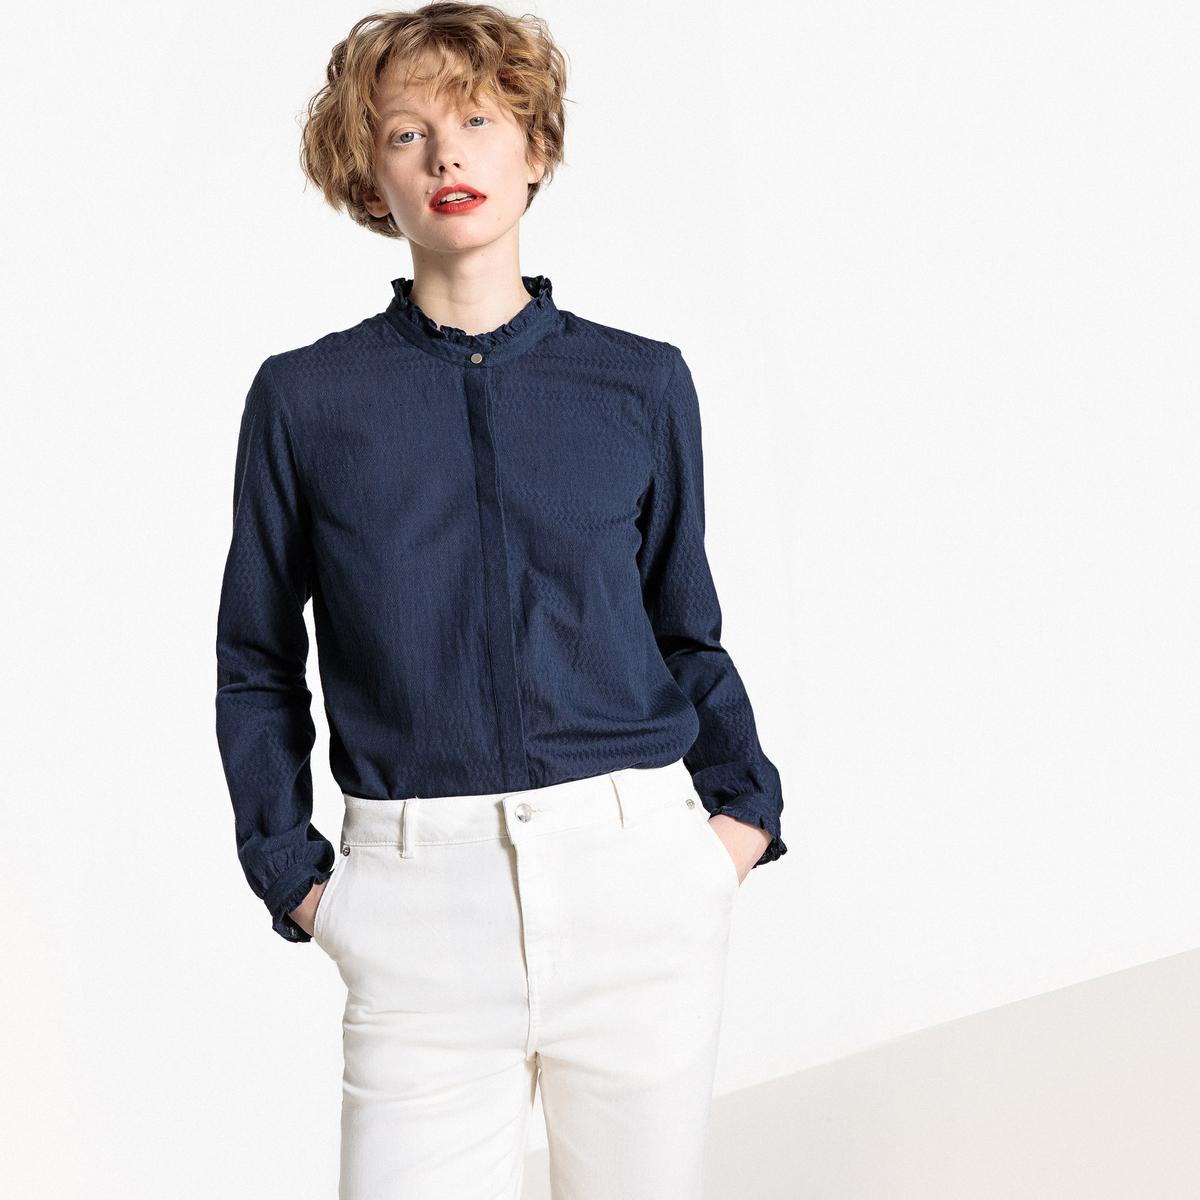 Рубашка с длинными рукавами, воротник-стойка